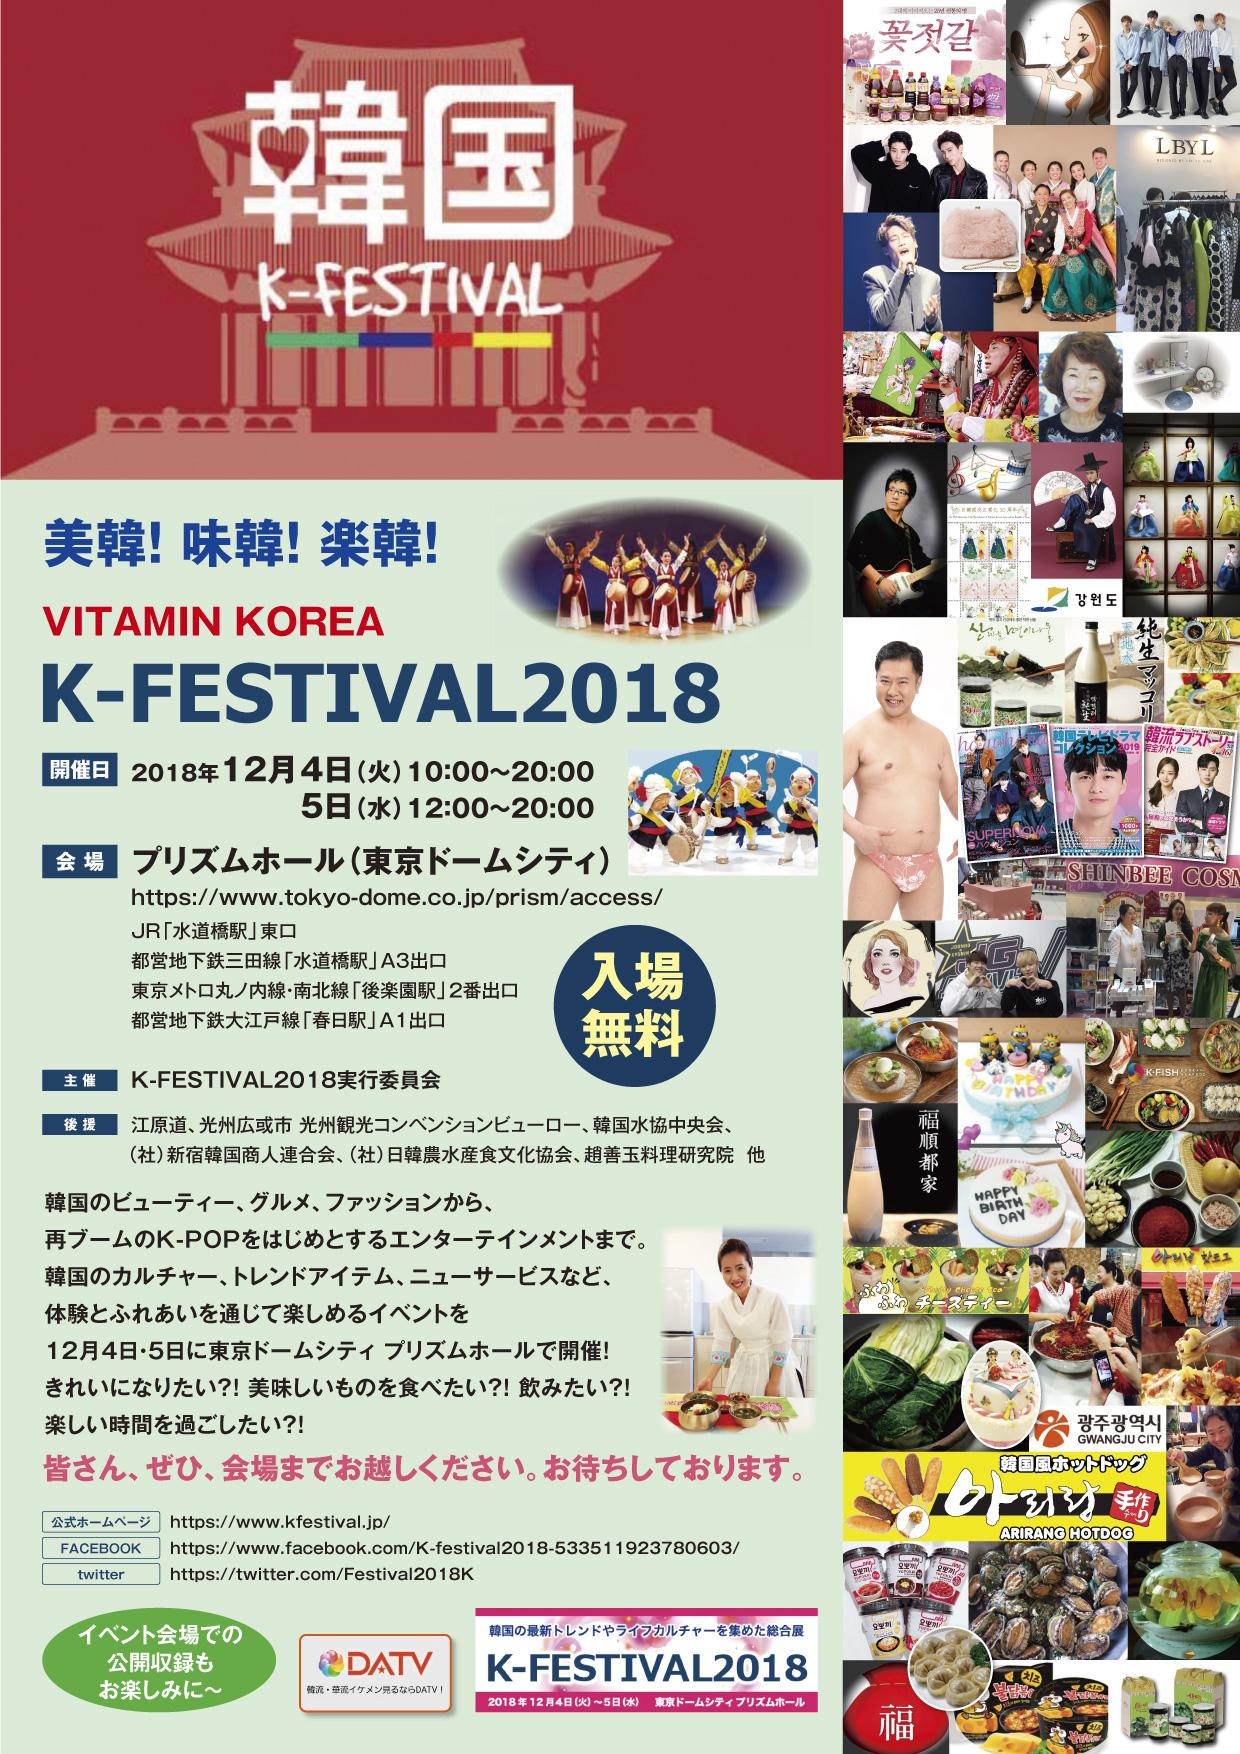 12/4(火)・5(水) K-FESTIVAL2018